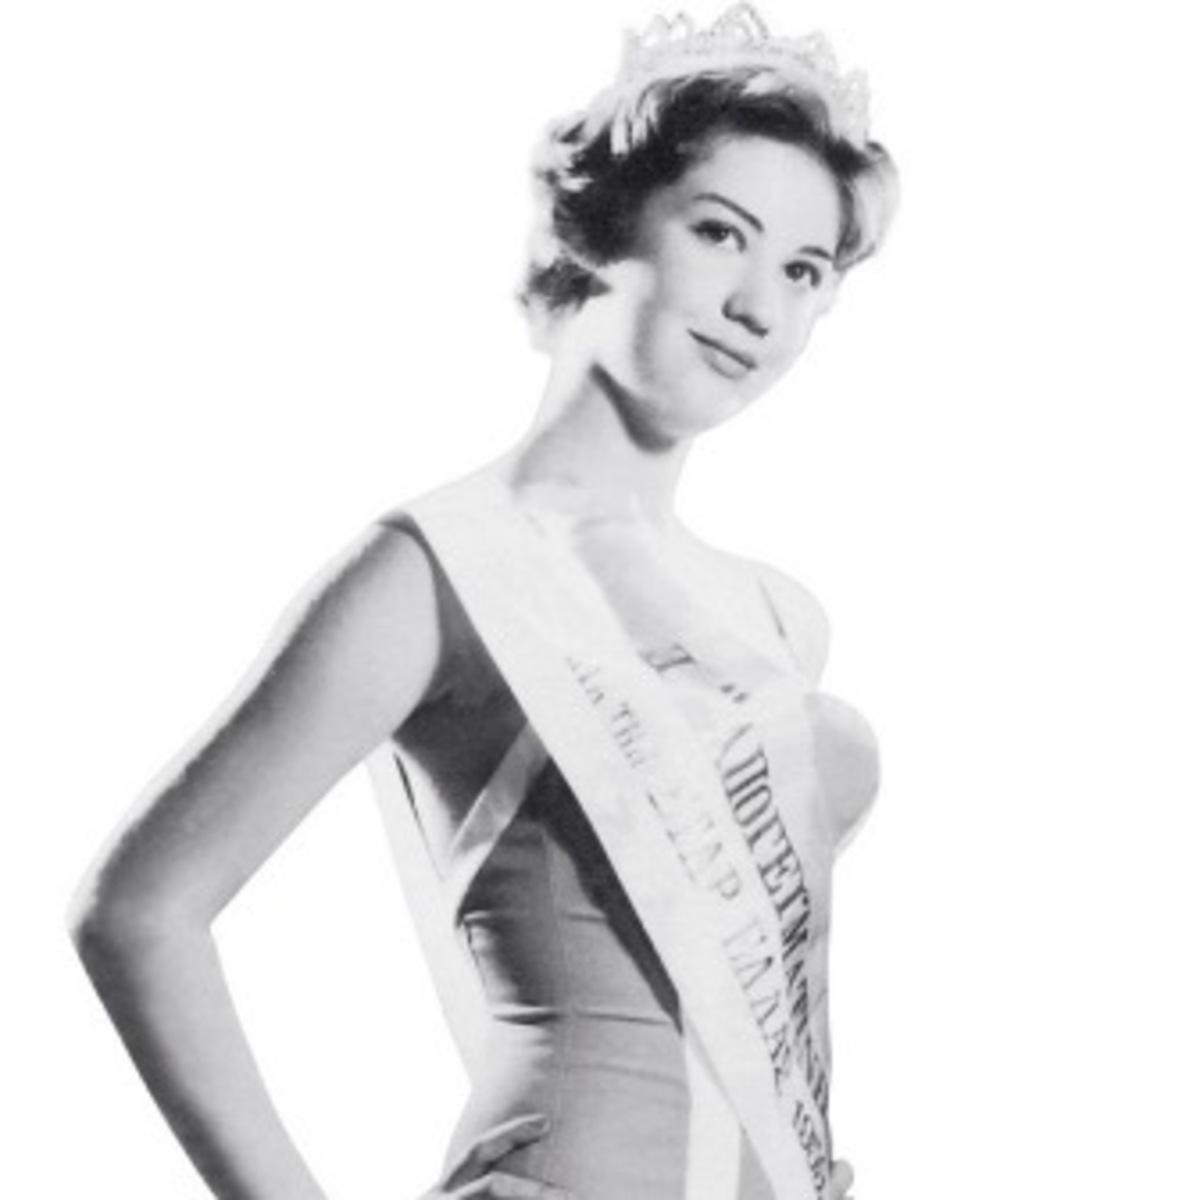 Ζωή Λάσκαρη: Όταν σε ηλικία 15 ετών στέφθηκε η ομορφότερη Ελληνίδα – Σπάνιες φωτογραφίες   Newsit.gr